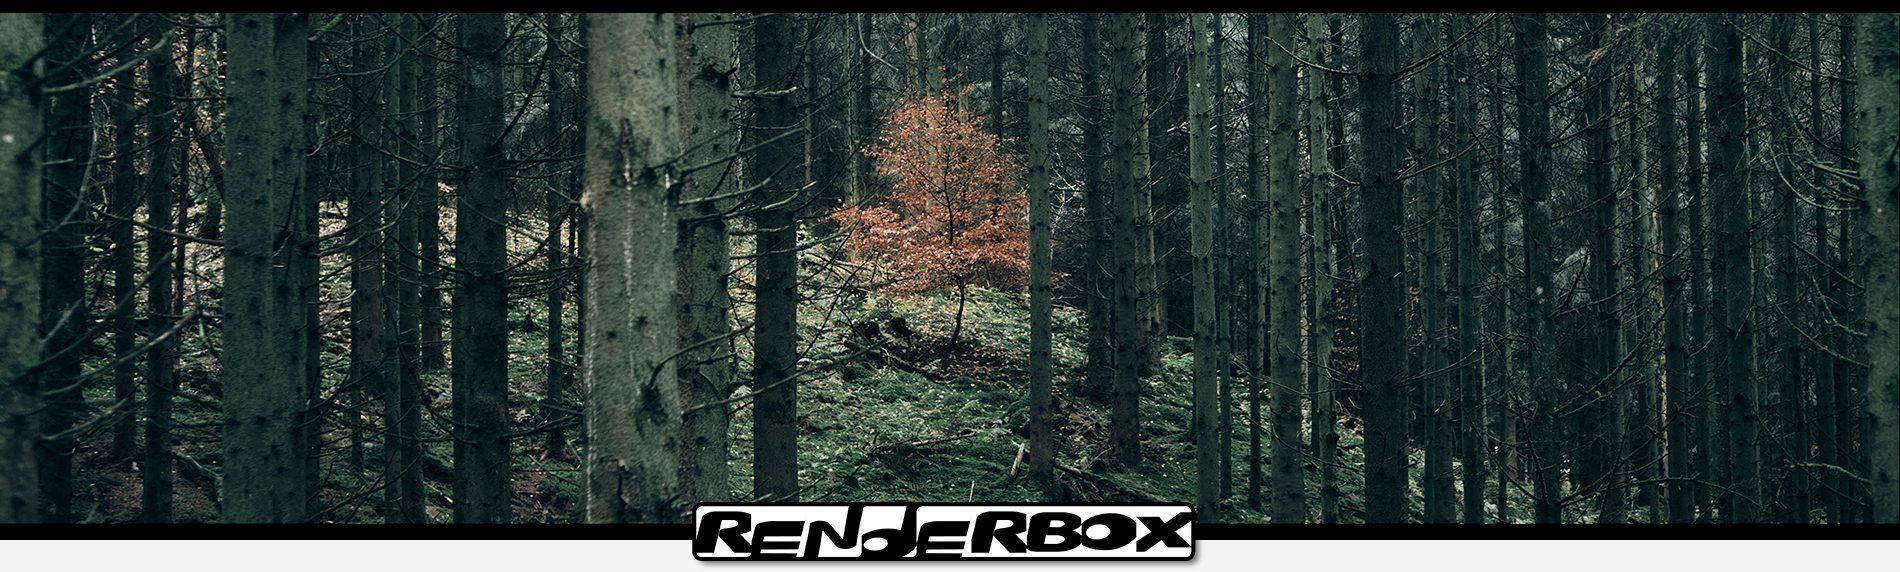 Renderbox